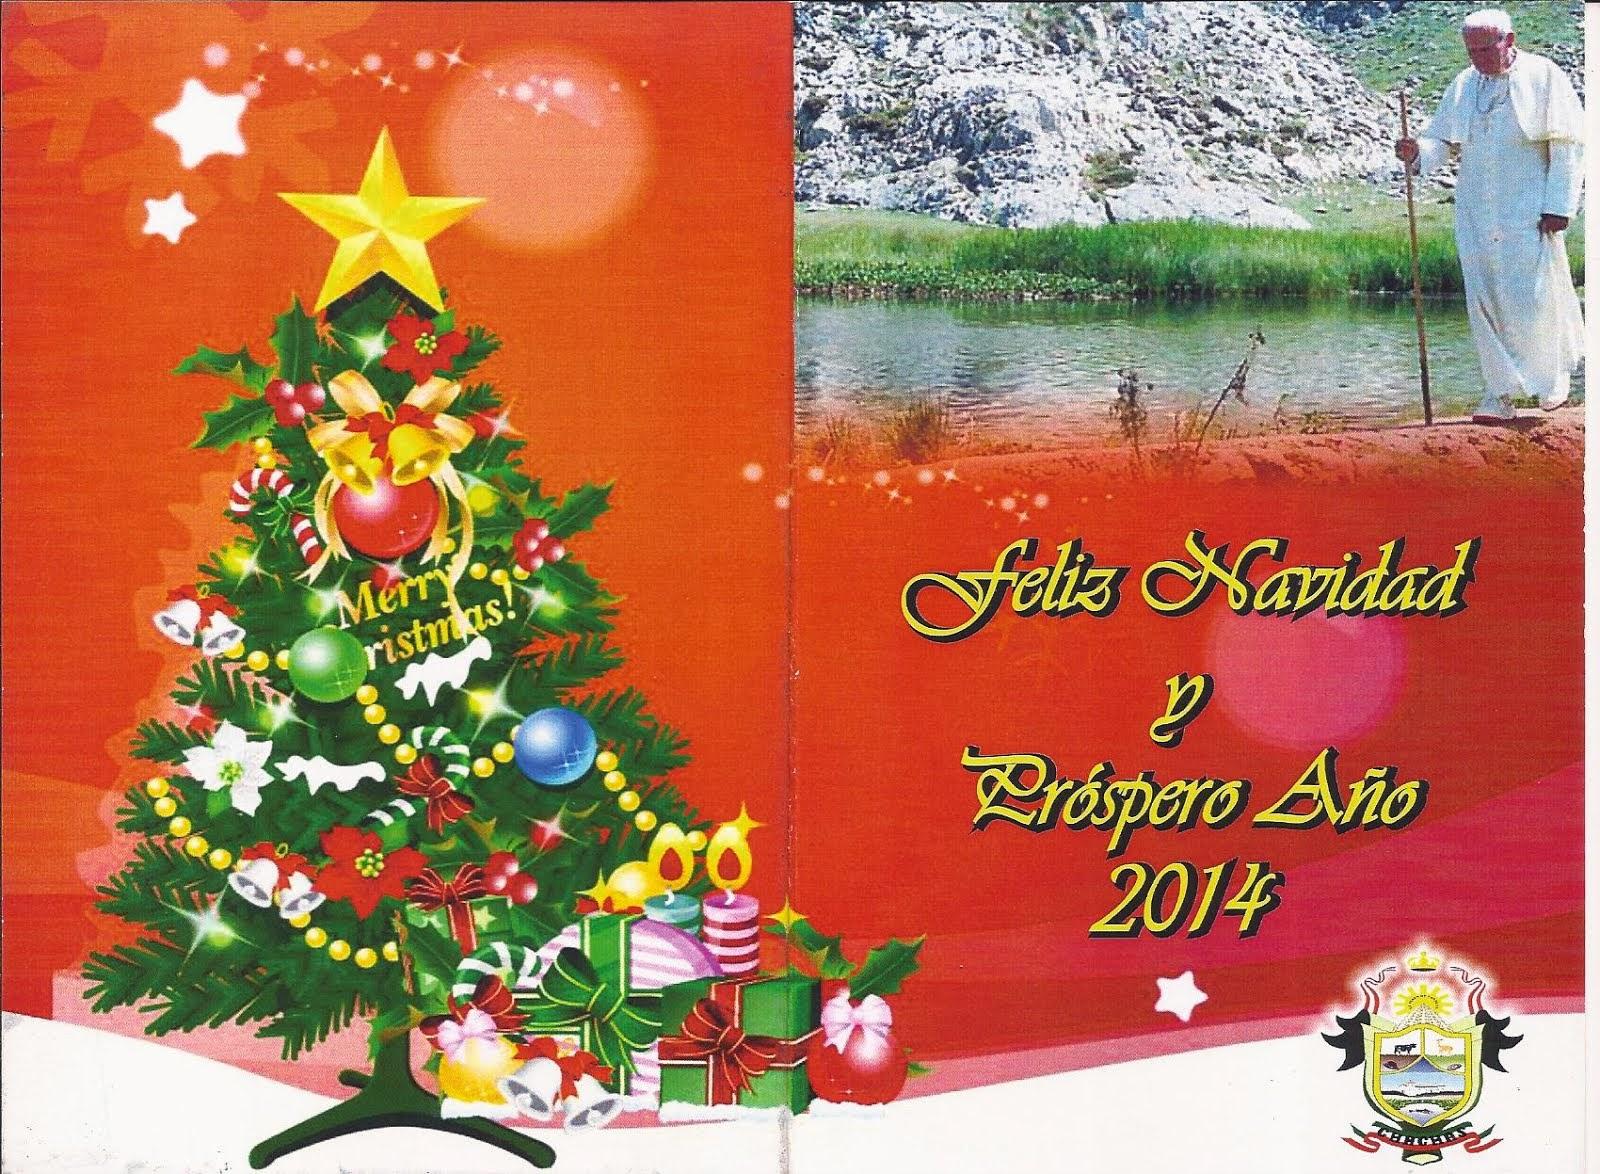 !FELIZ NAVIDAD Y AÑO NUEVO 2014!